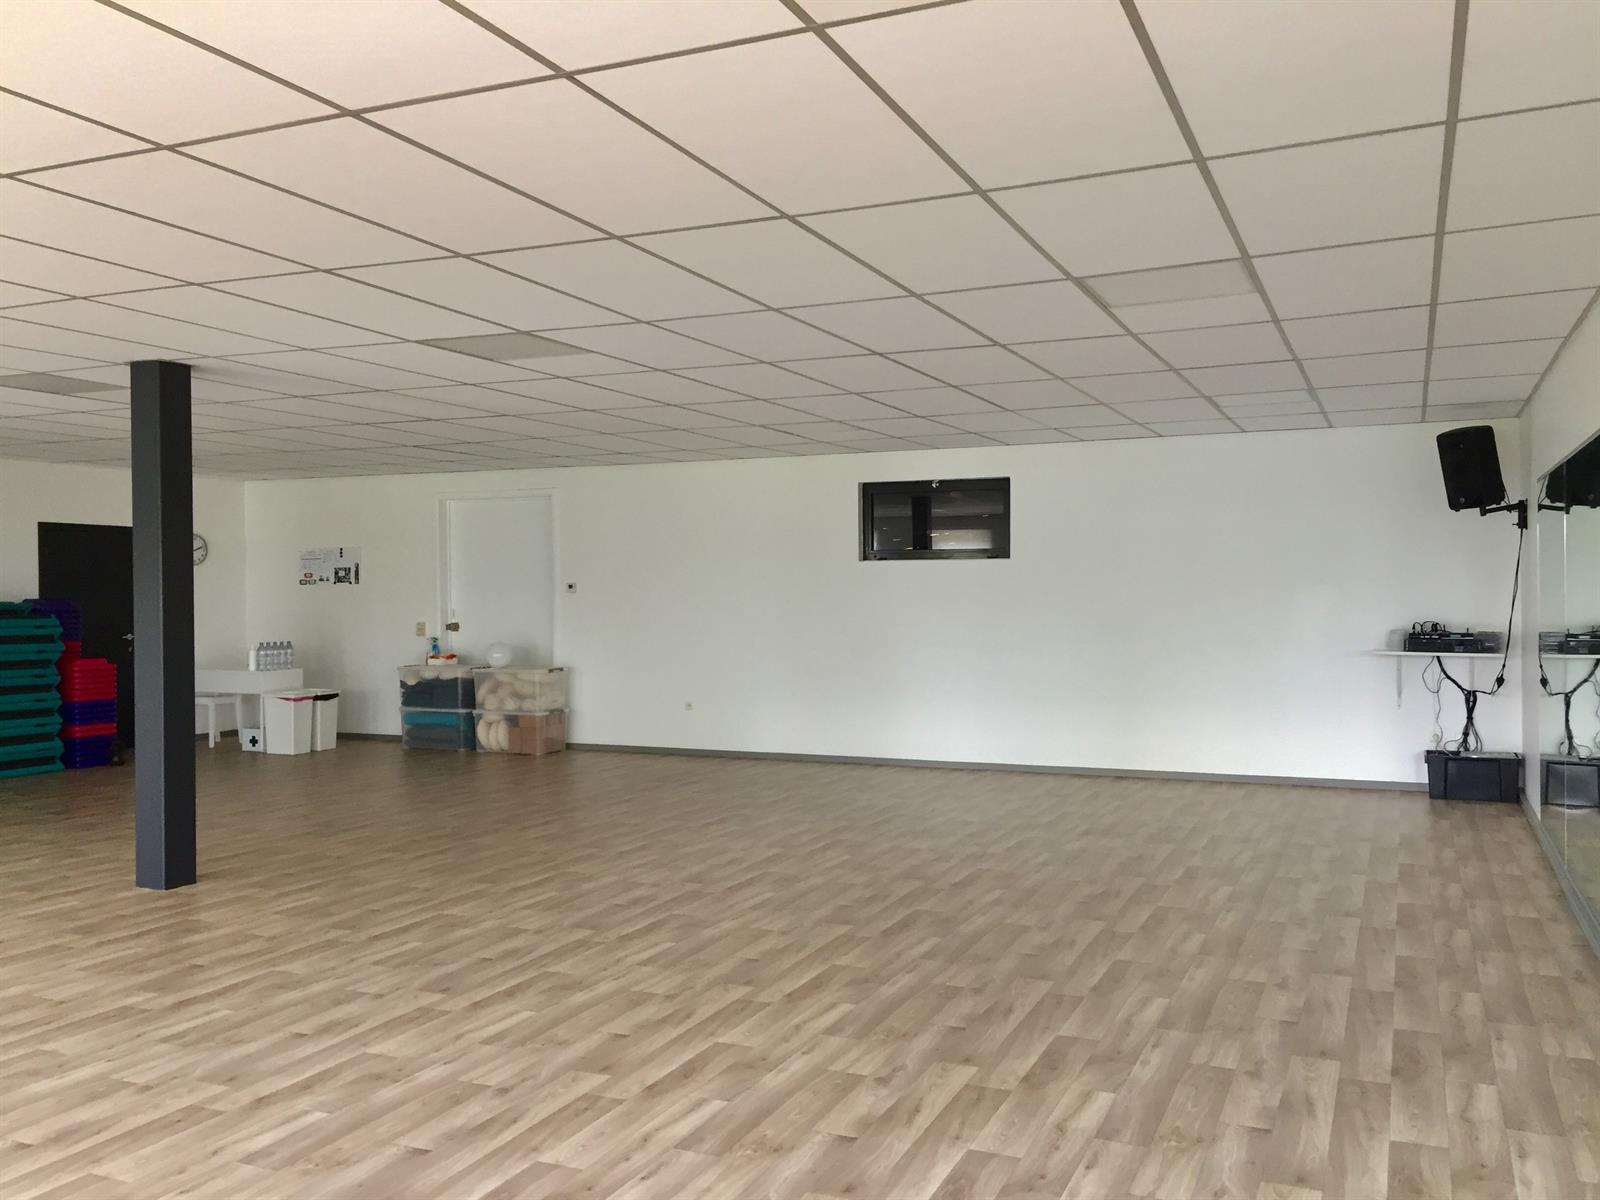 kantoor te huur I137 - Kantoor - Rollebeekstraat 16, 2160 Wommelgem, België 3